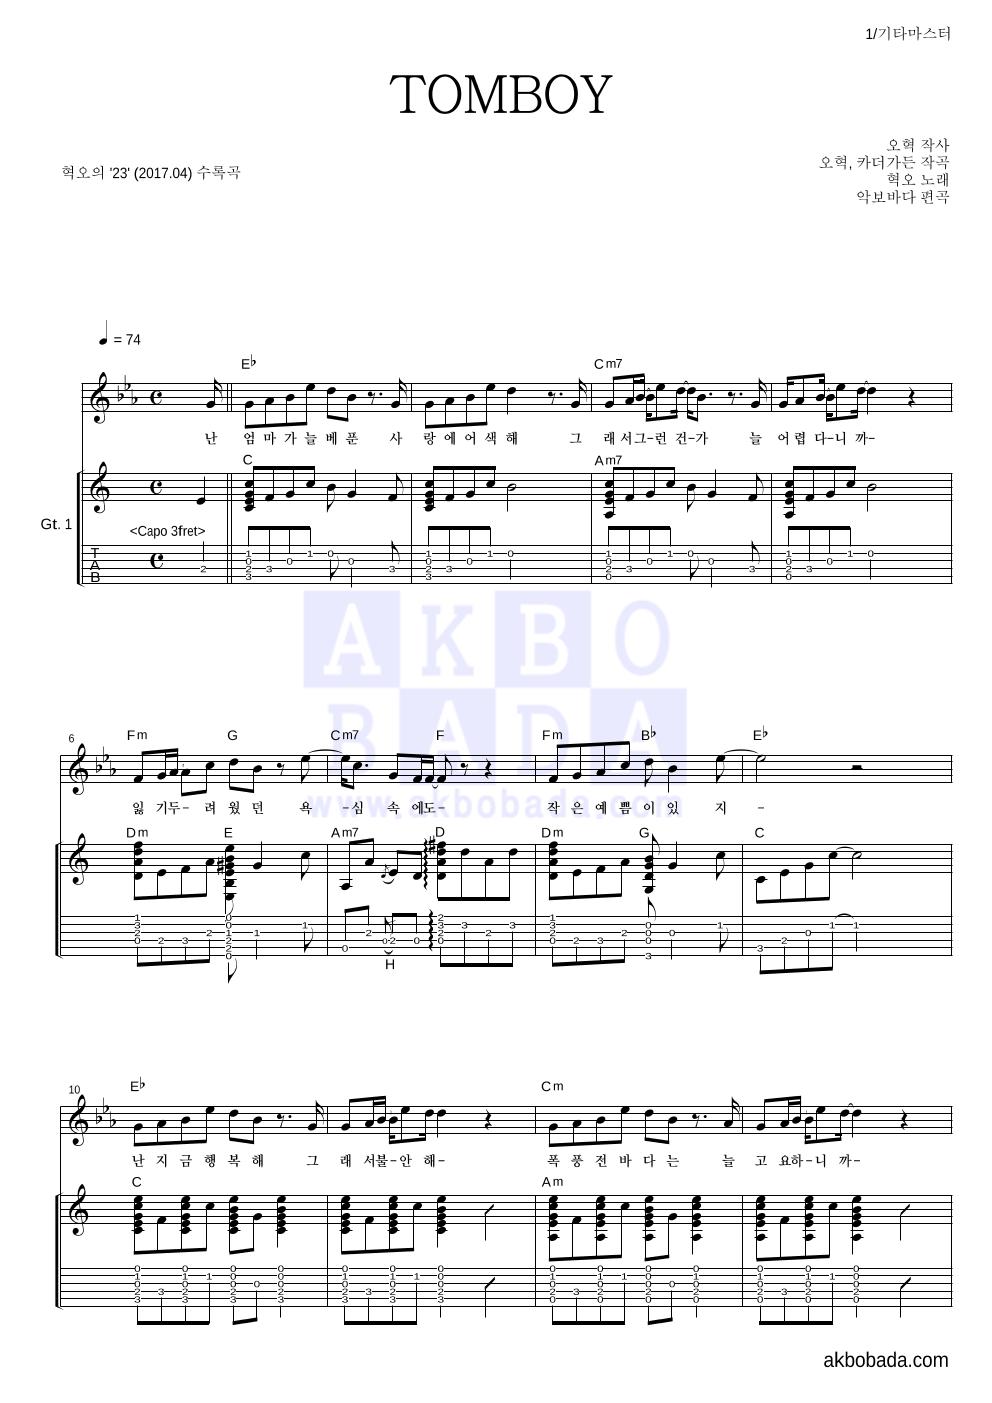 혁오 - TOMBOY 기타 마스터 악보